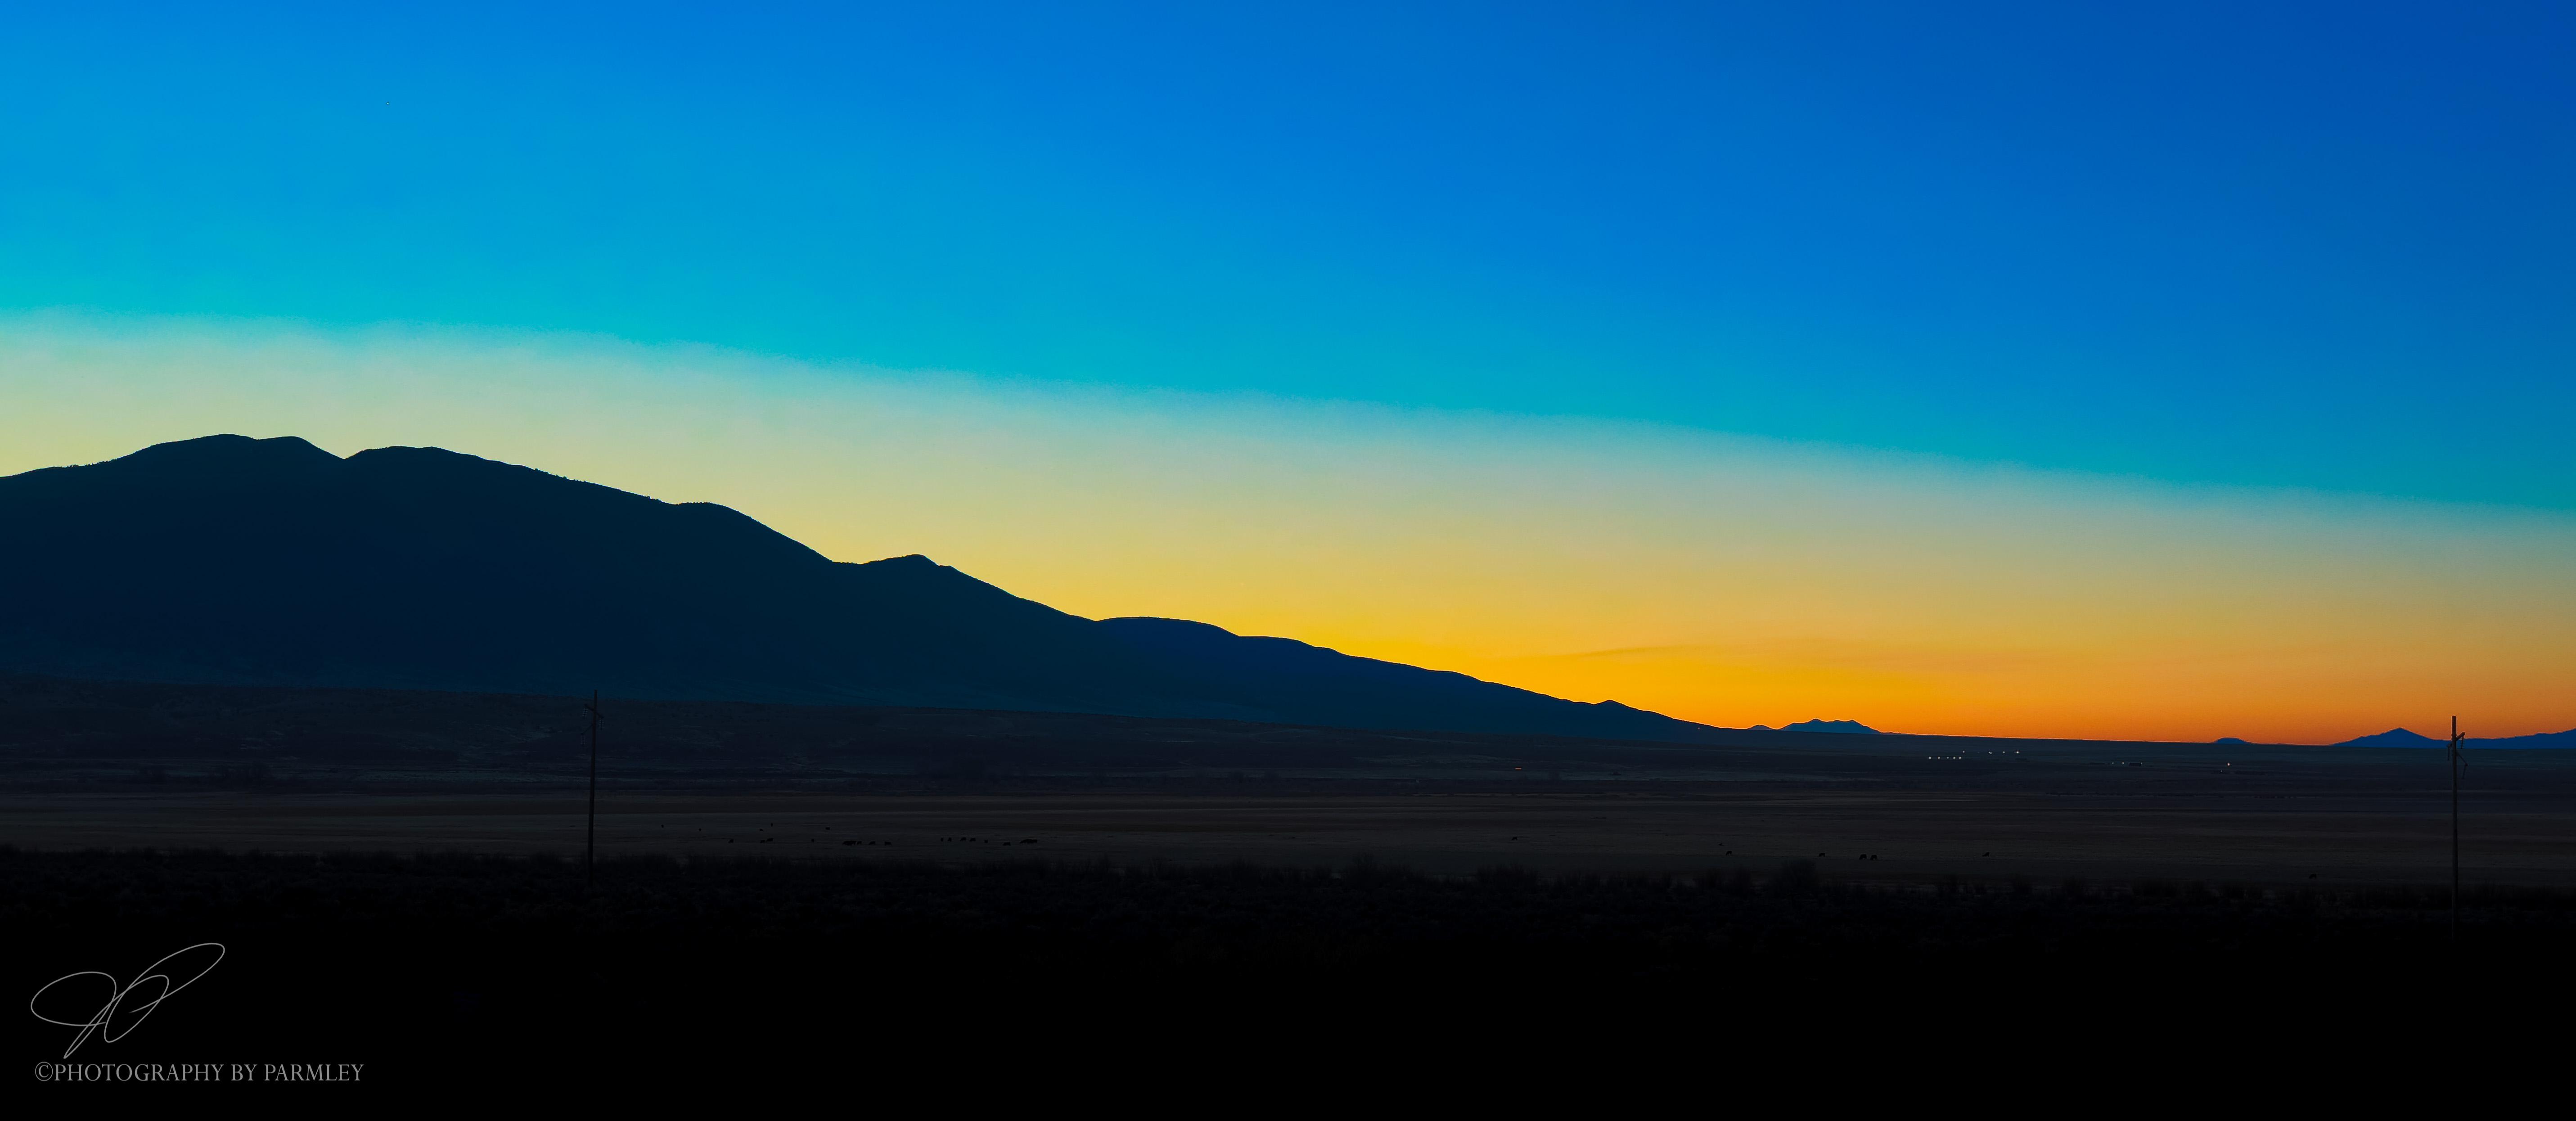 Dawn in Utah